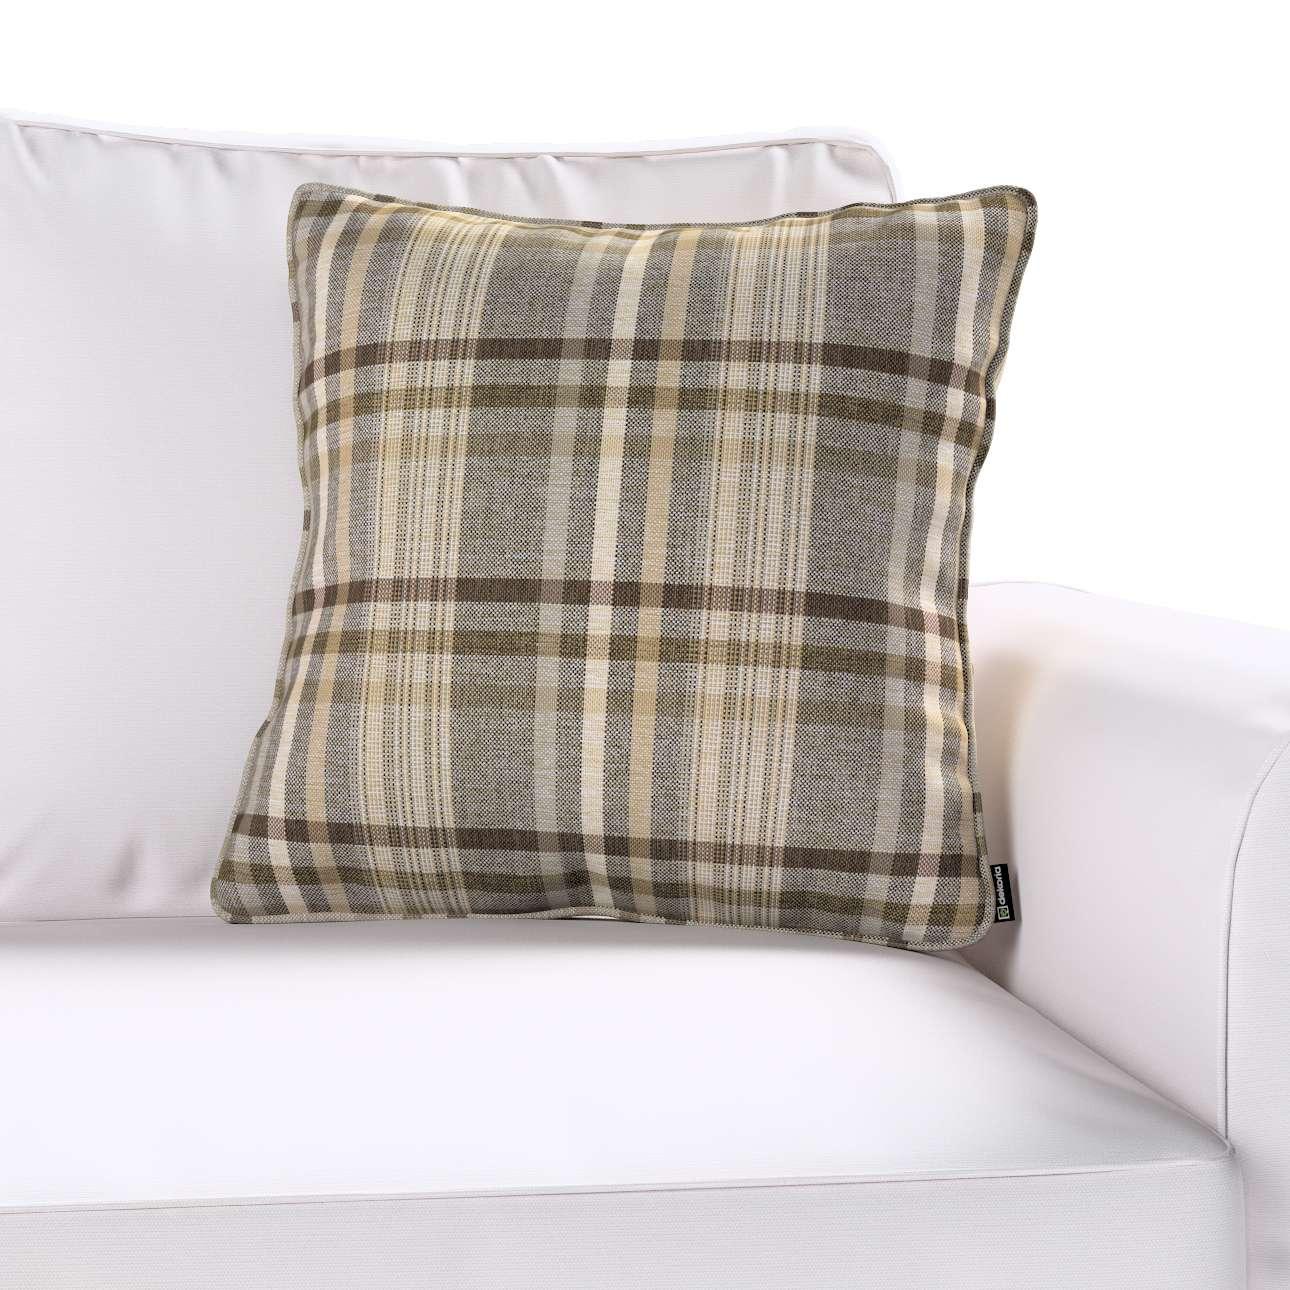 Poszewka Gabi na poduszkę w kolekcji Edinburgh, tkanina: 703-17